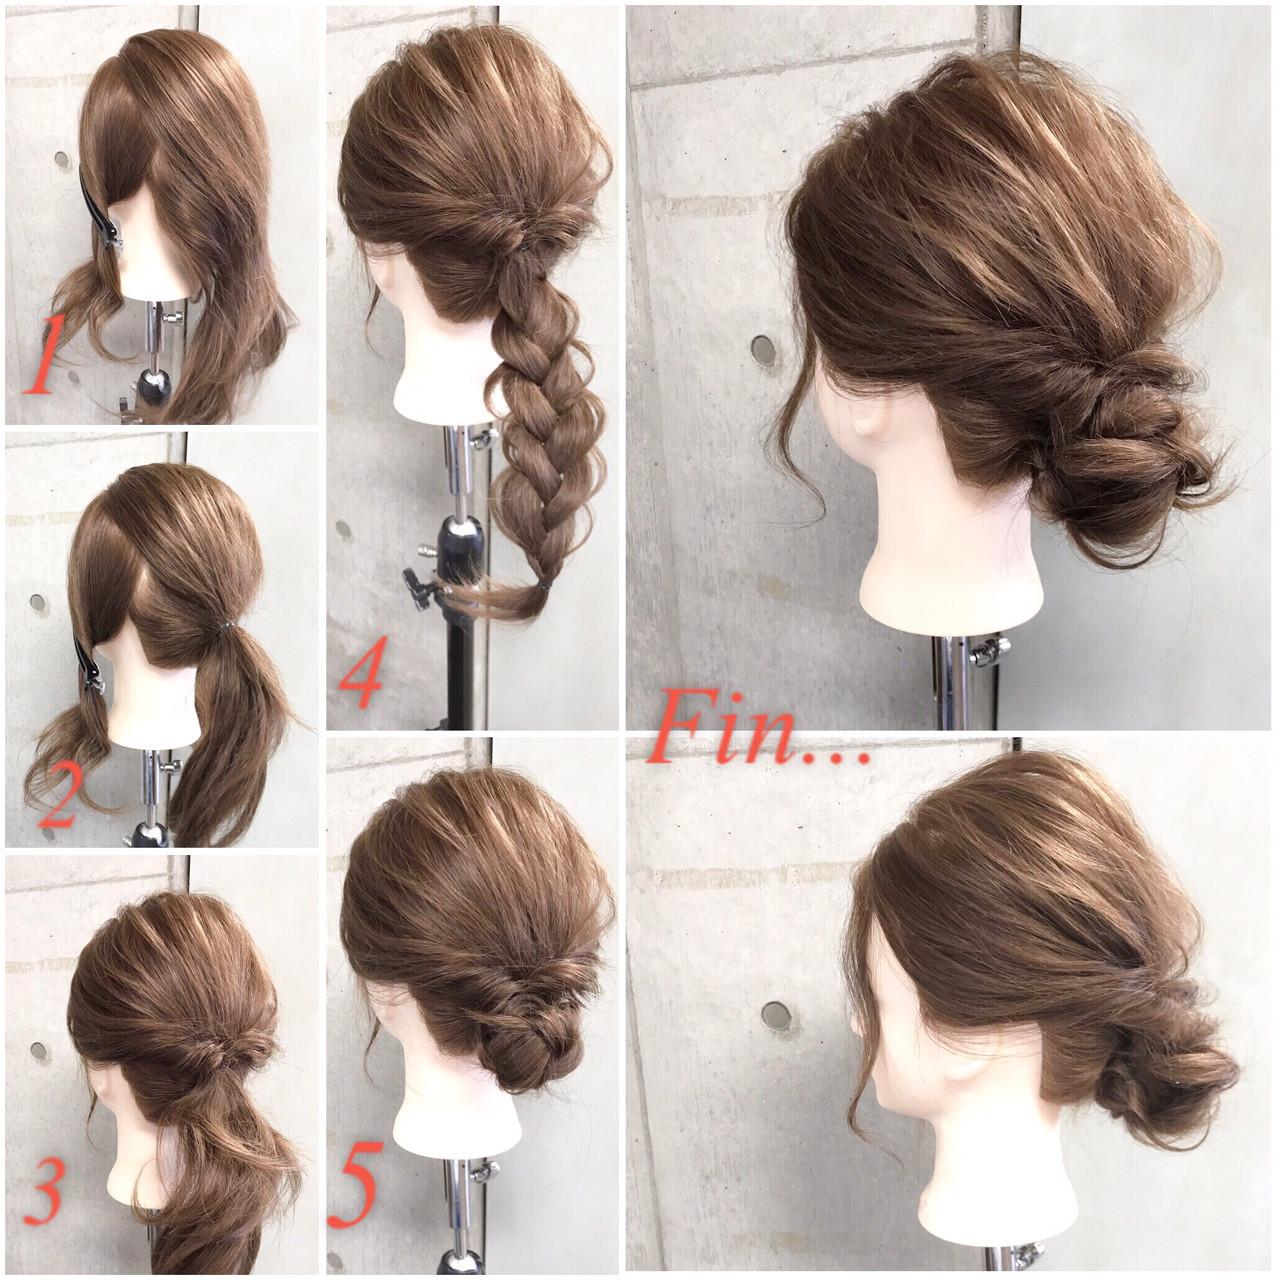 【ロングヘア】披露宴用髪型♡簡単セルフアレンジ